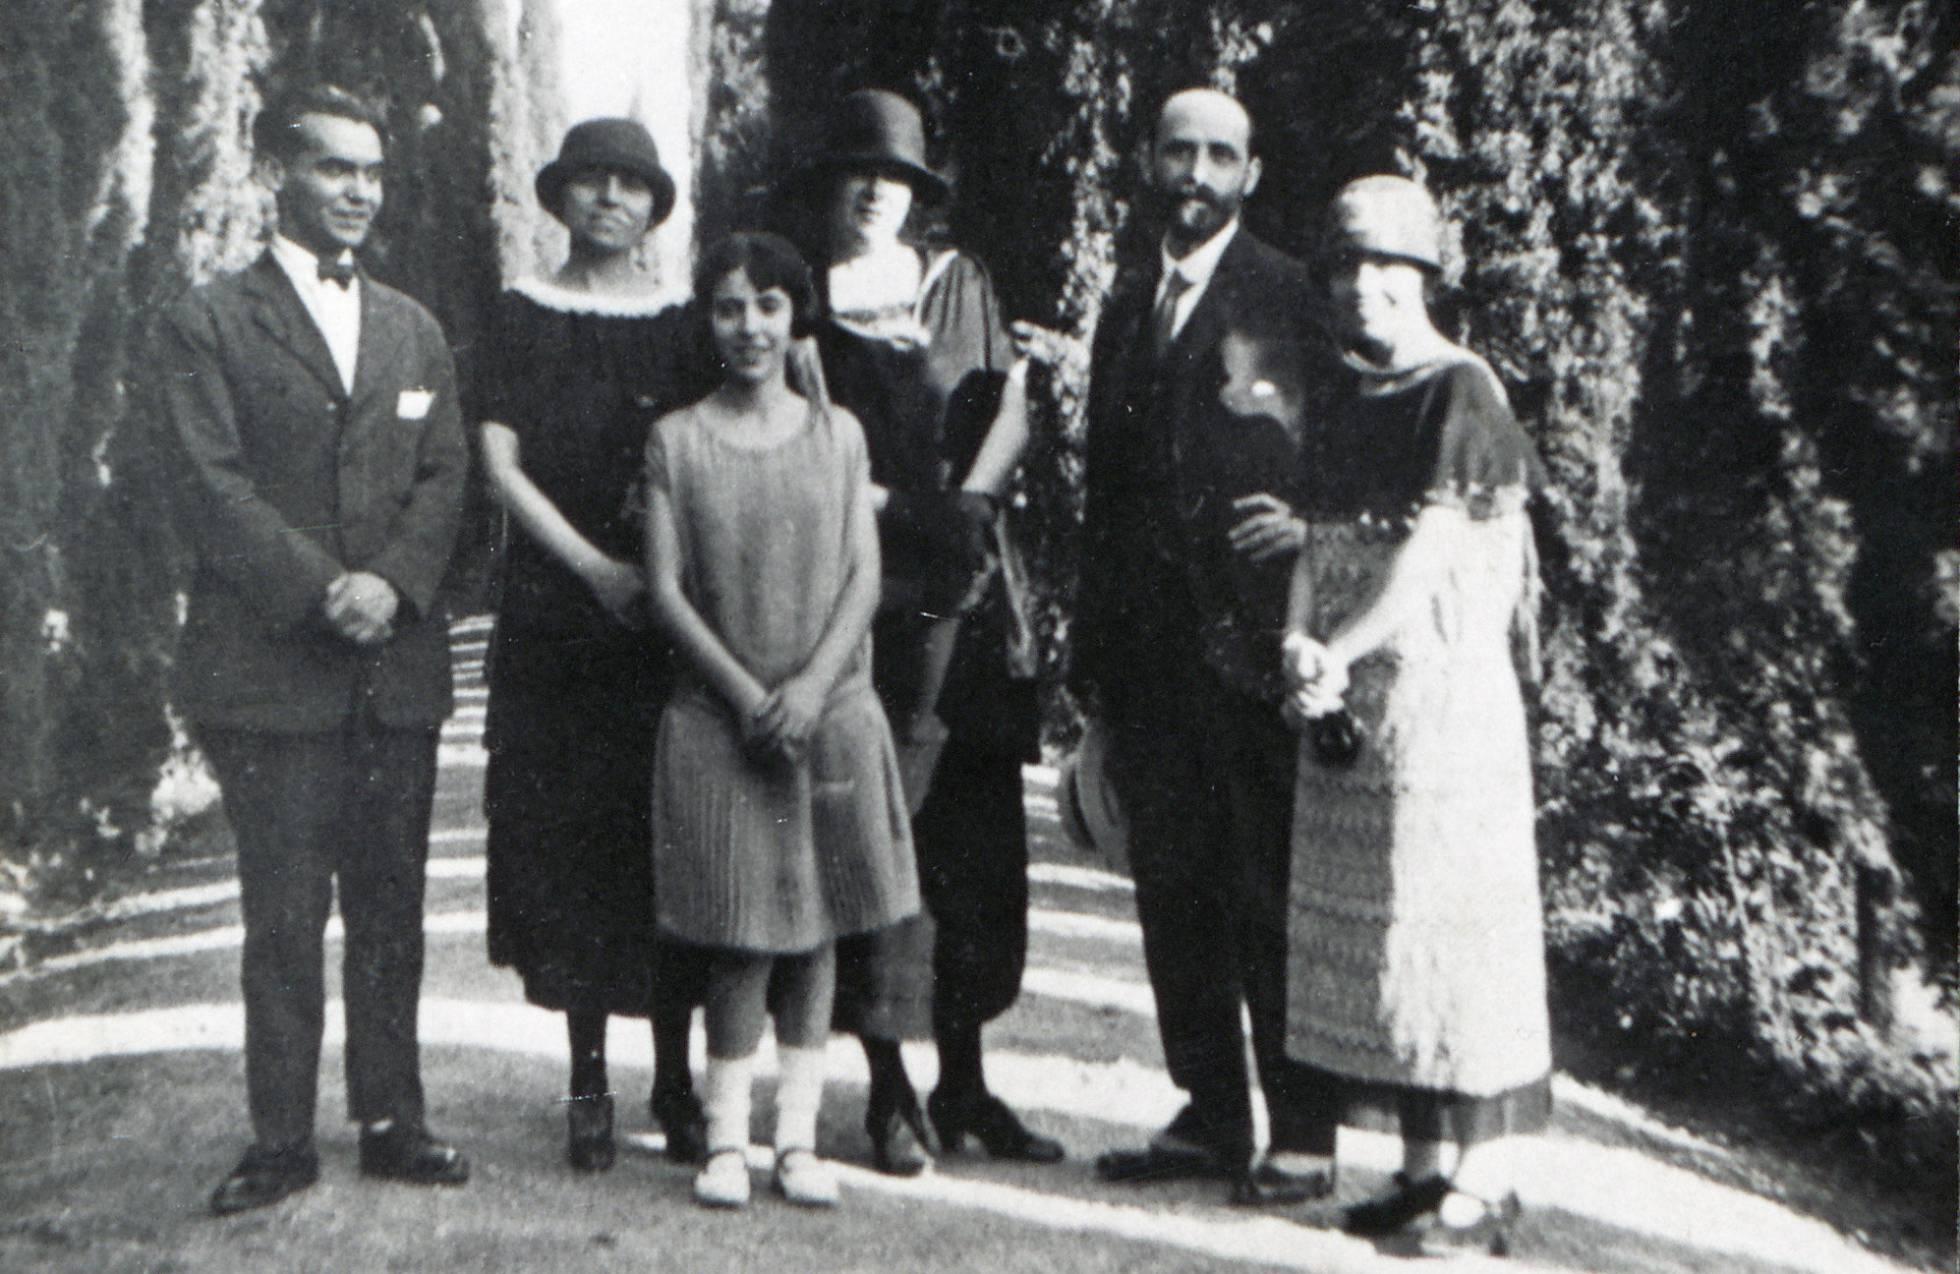 De izquierda a derecha, Federico García Lorca, Zenobia Camprubí, Isabel García Lorca, Emilia Llanos y Juan Ramón Jiménez y Concha García Lorca en Granada en 1924. FUNDACIÓN FEDERICO GARCÍA LORCA.